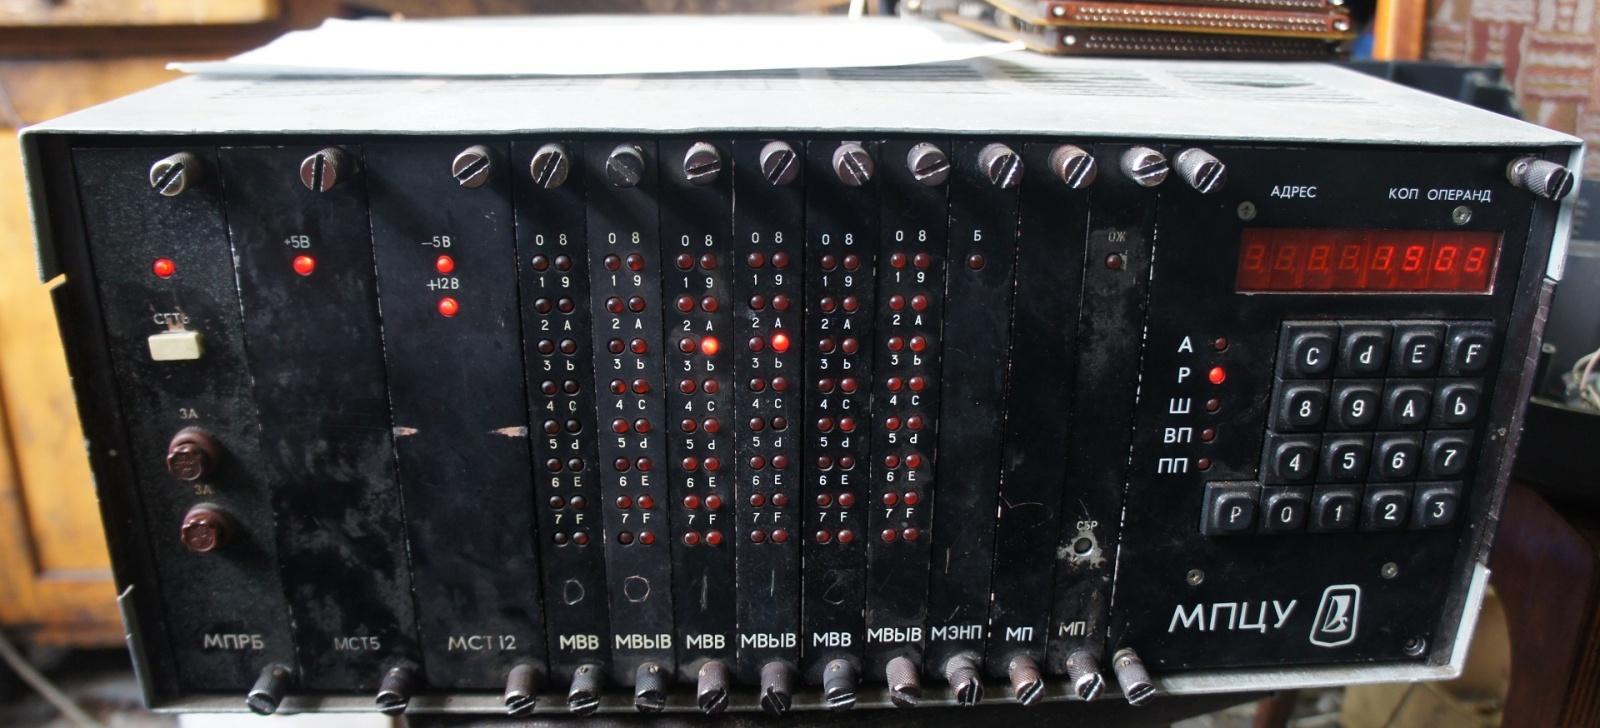 МПЦУ-2-48 - 1